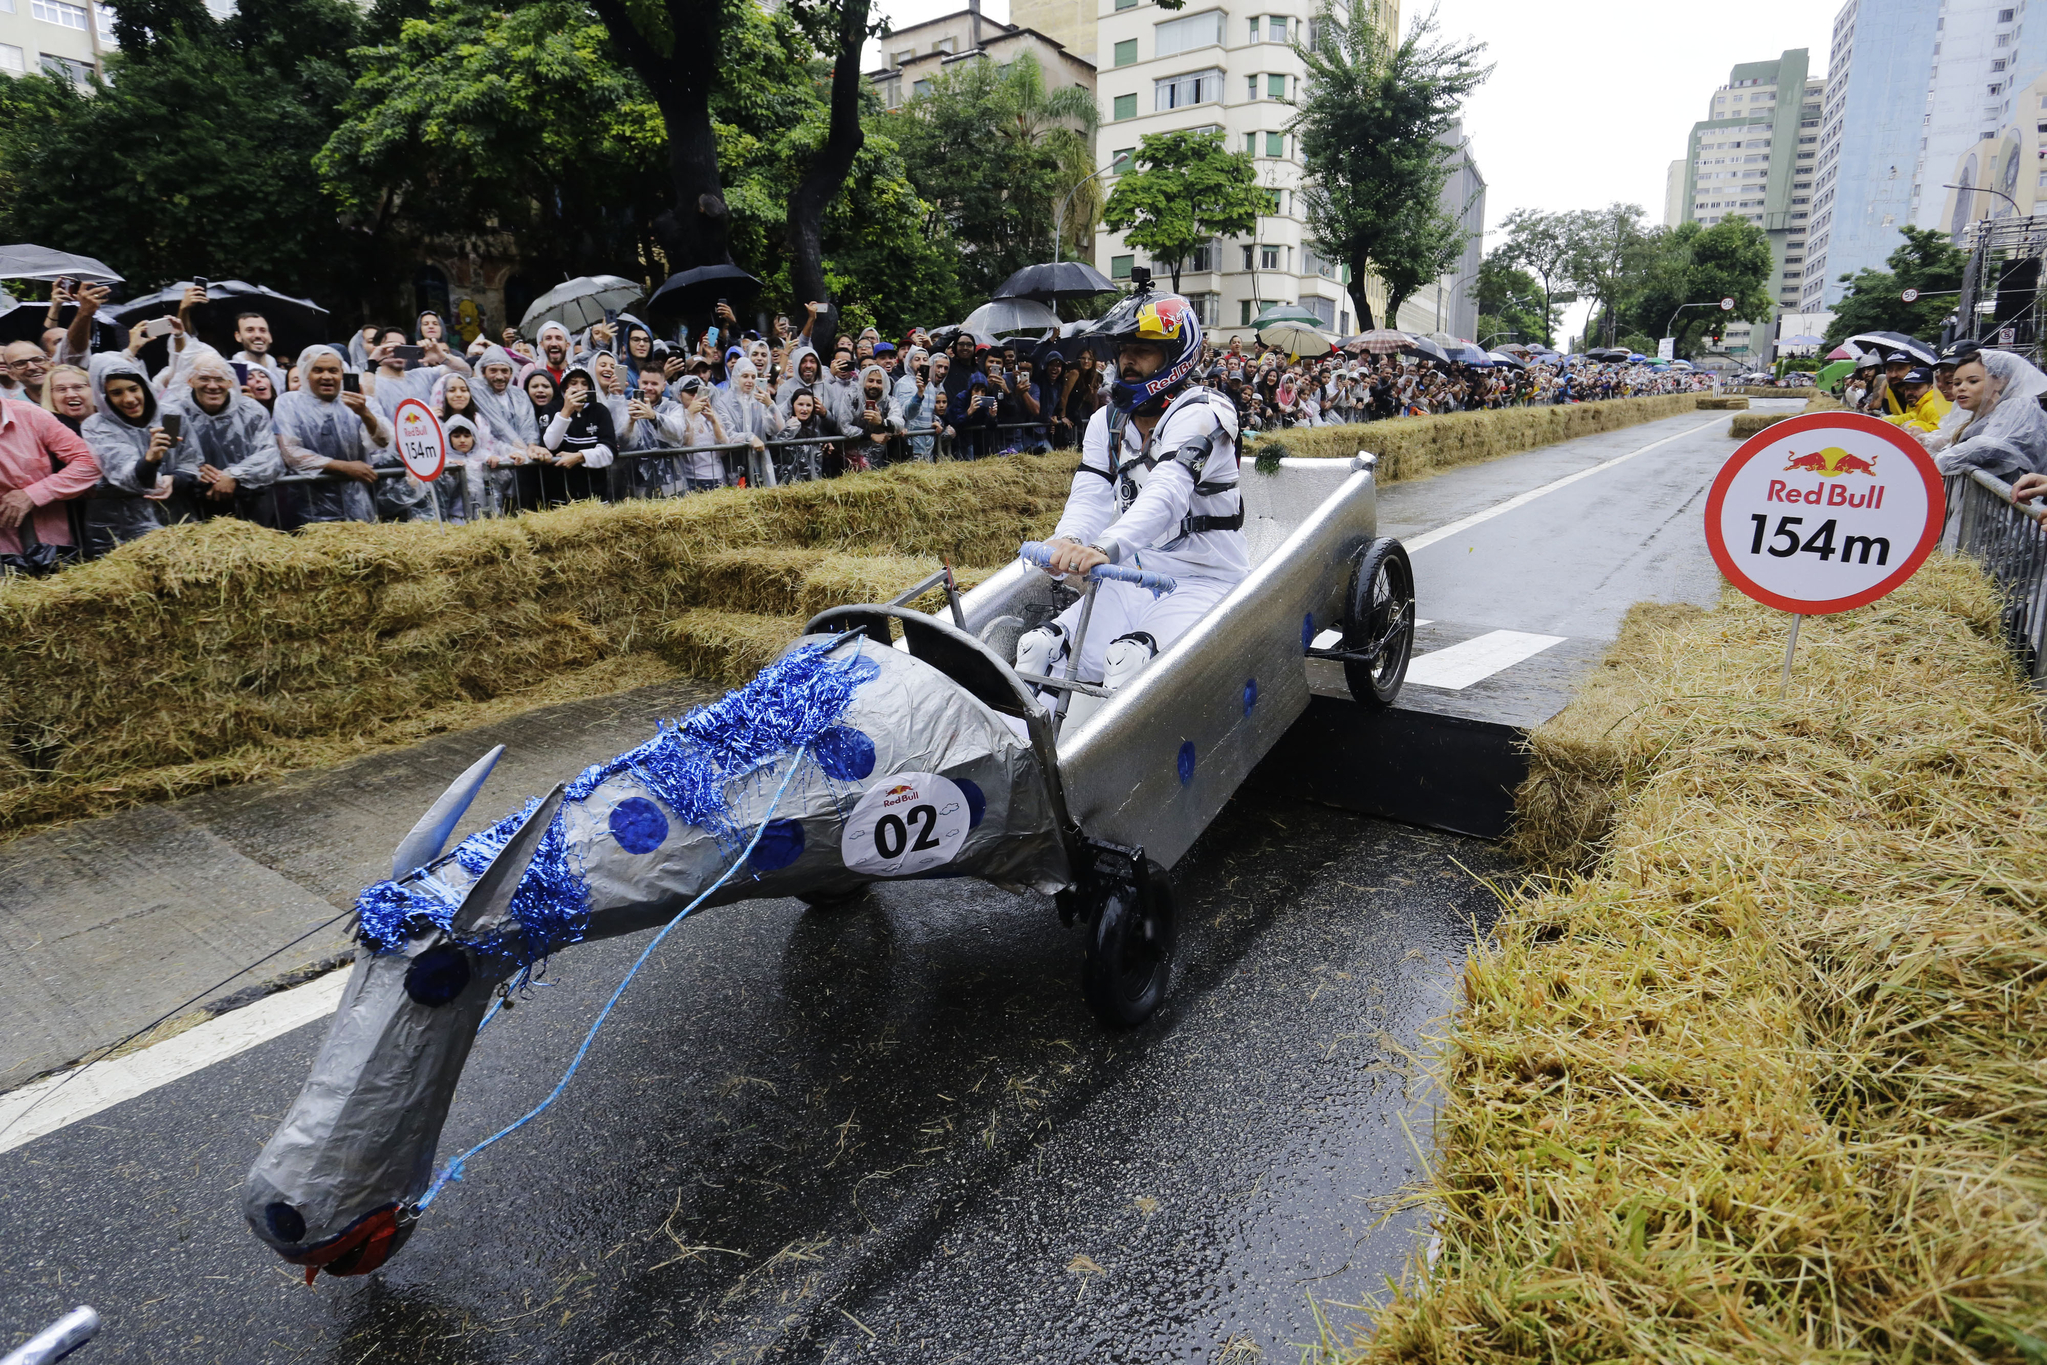 말 모양의 차를 탄 참가자들이 14일(현지시간) 브라질 상파울루에서 열린 '레드불 소프박스 레이스'에서 장애물을 통과하고 있다. [AP=연합뉴스]